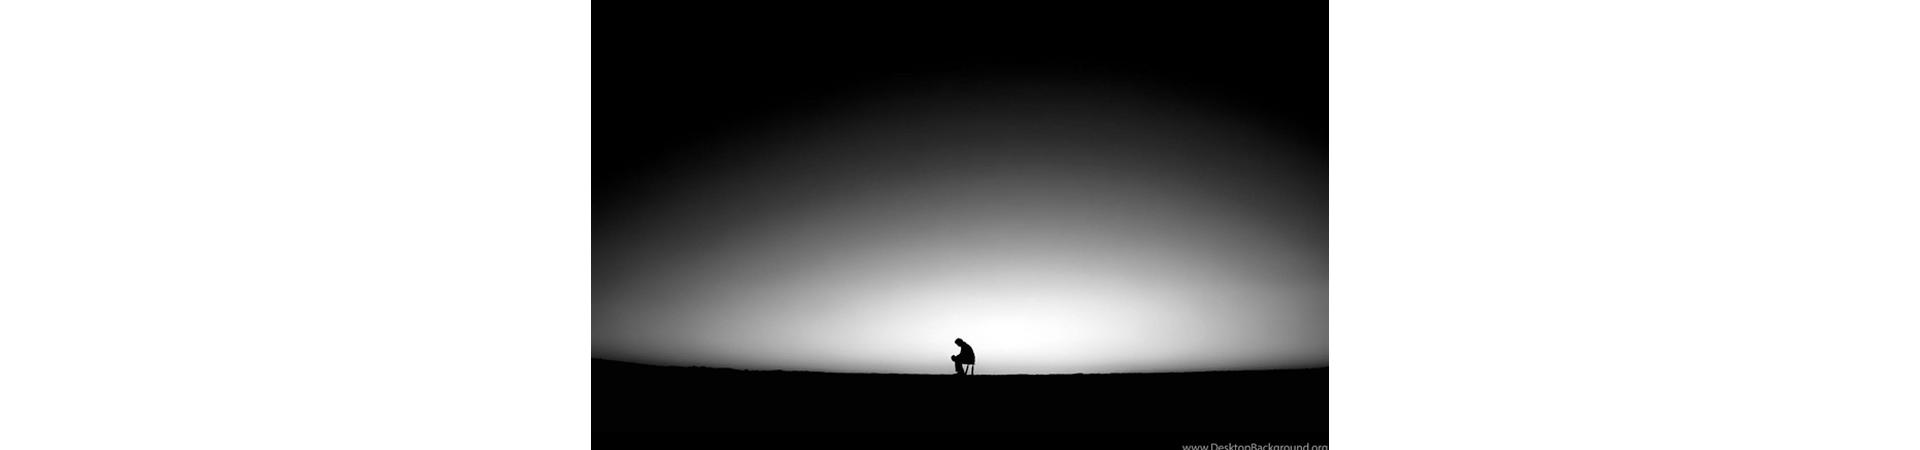 Čekajući čoveka